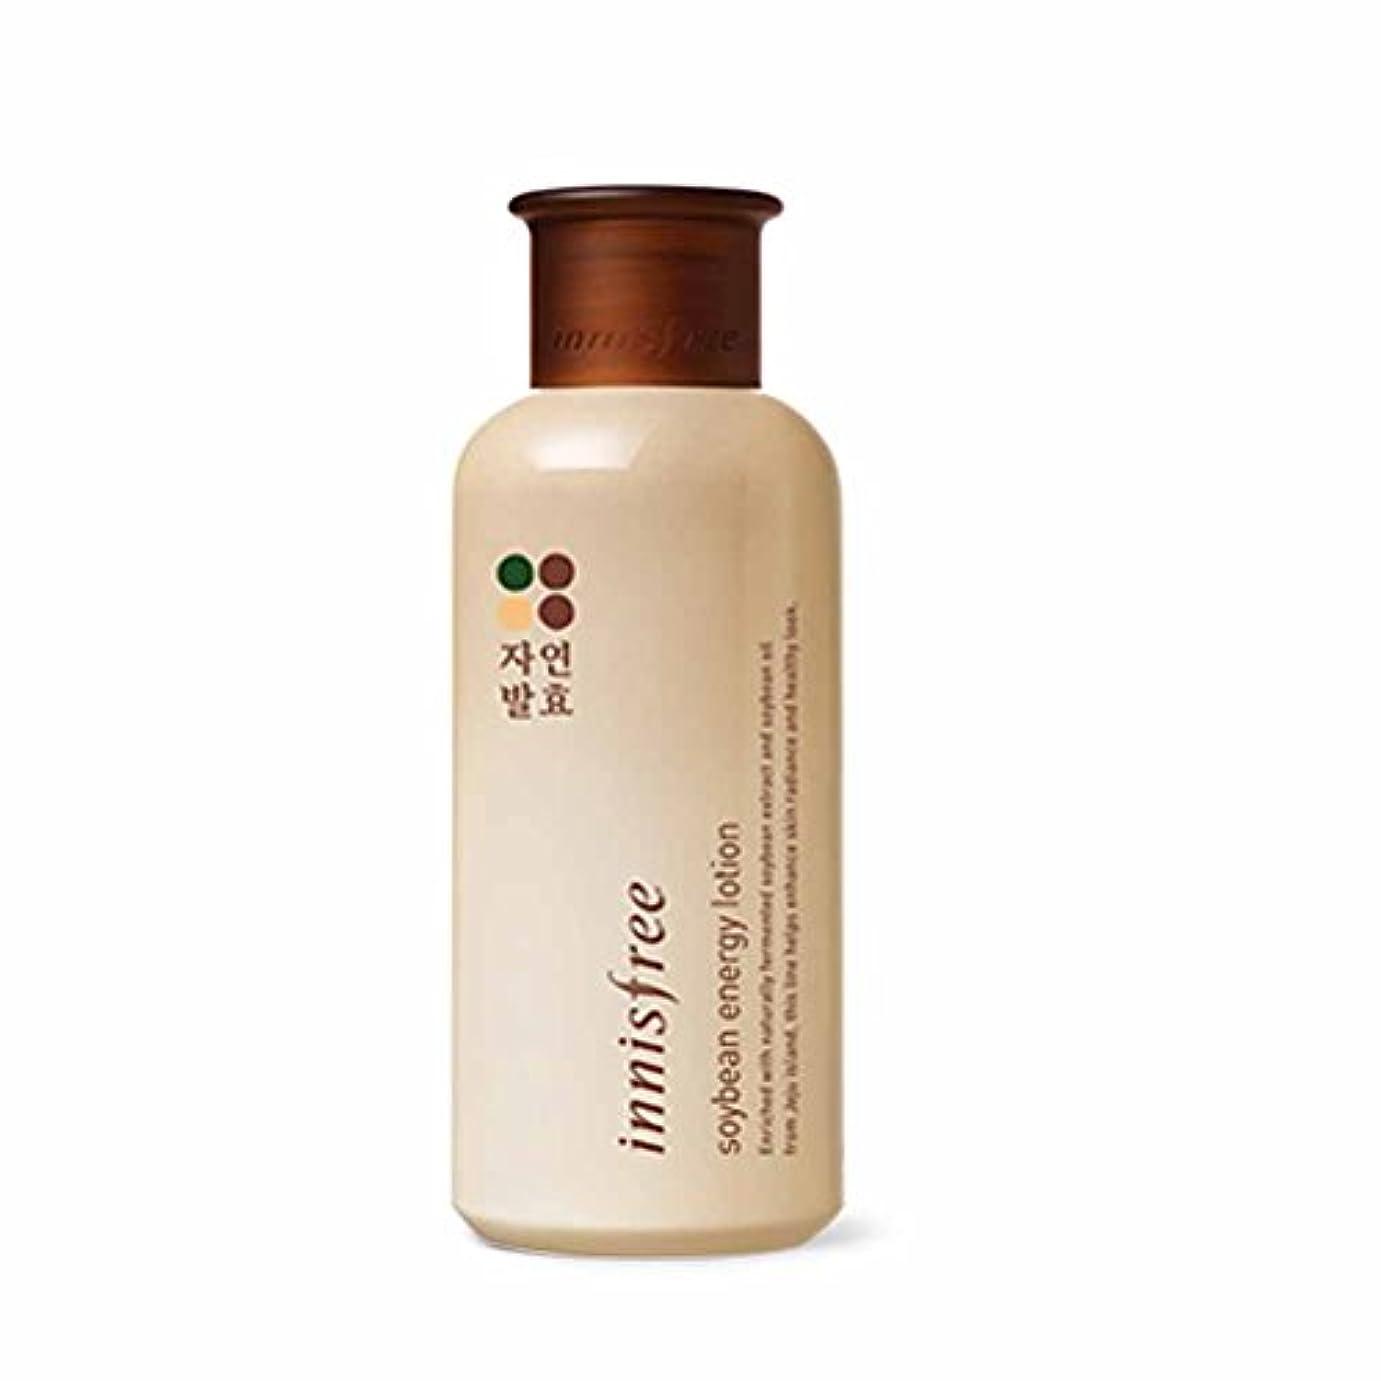 層メニュースライムイニスフリーソイビーンエナジースキン(トナー)200ml / Innisfree Soybean Energy Skin(Toner) 200ml[海外直送品][並行輸入品]